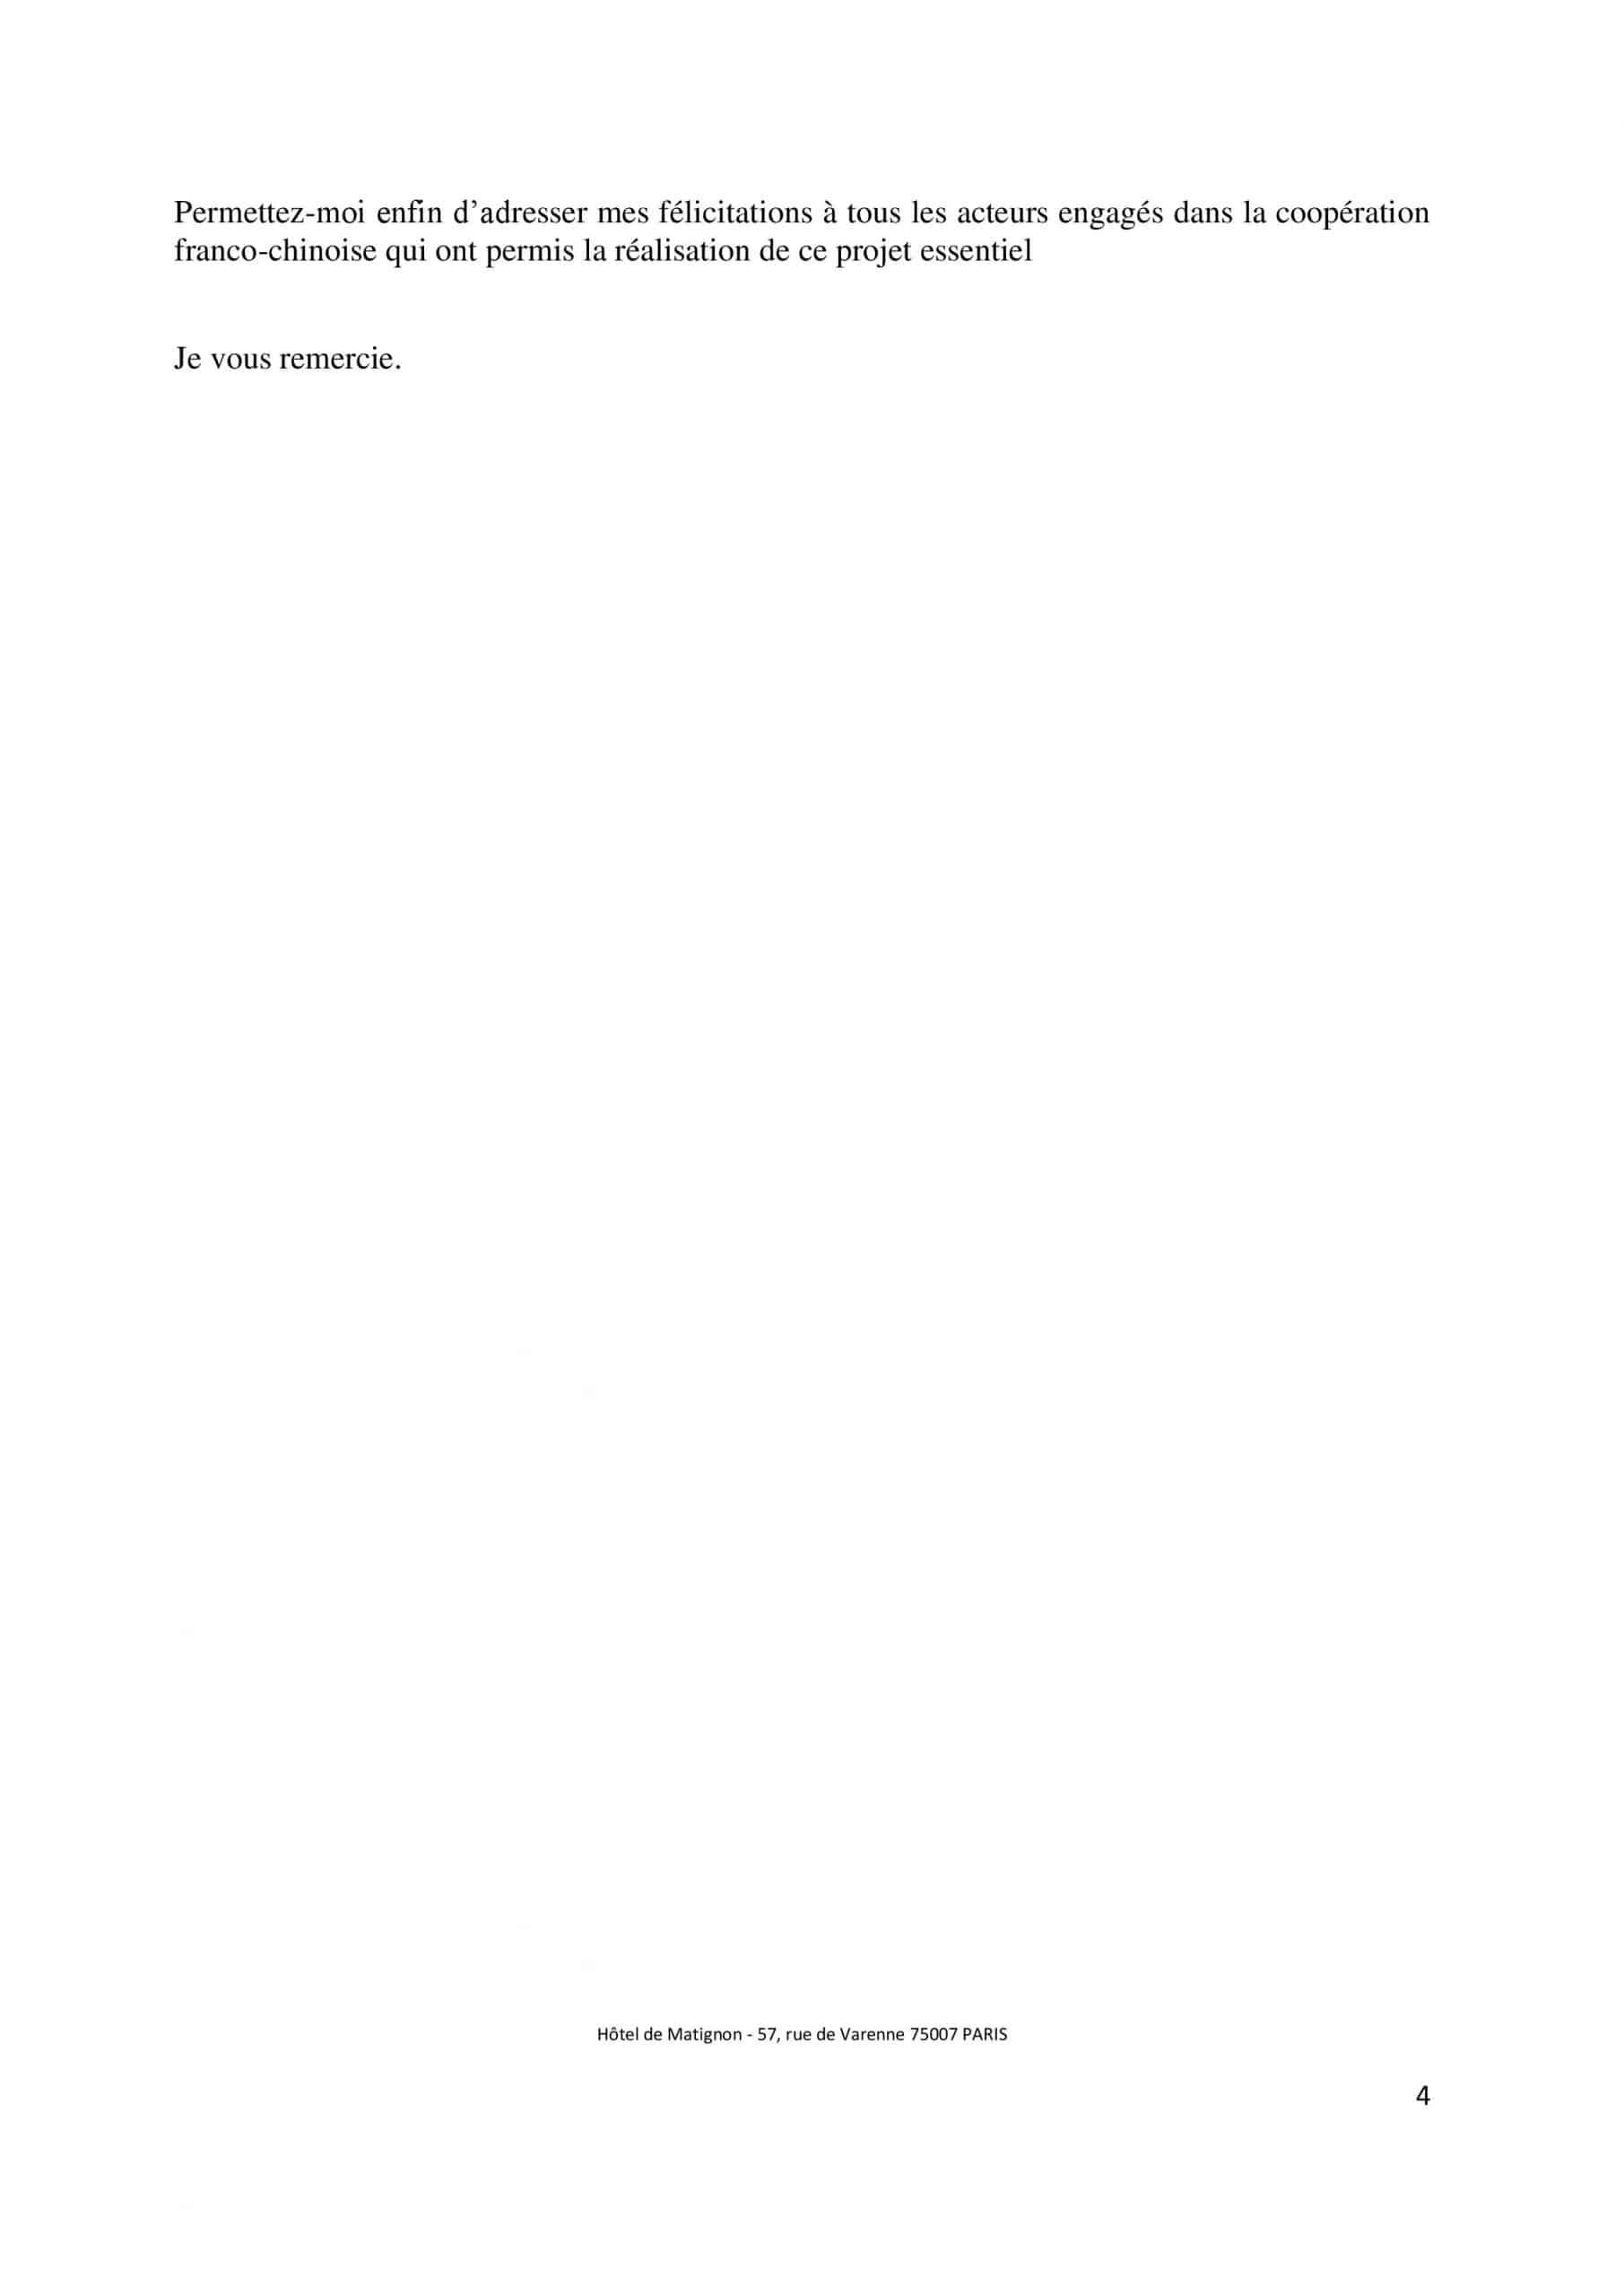 23.02.2017_discours_de_m._bernard_cazeneuve_premier_ministre_-_ceremonie_daccreditation_du_laboratoire_de_haute_securite_biologique_p4-page-004